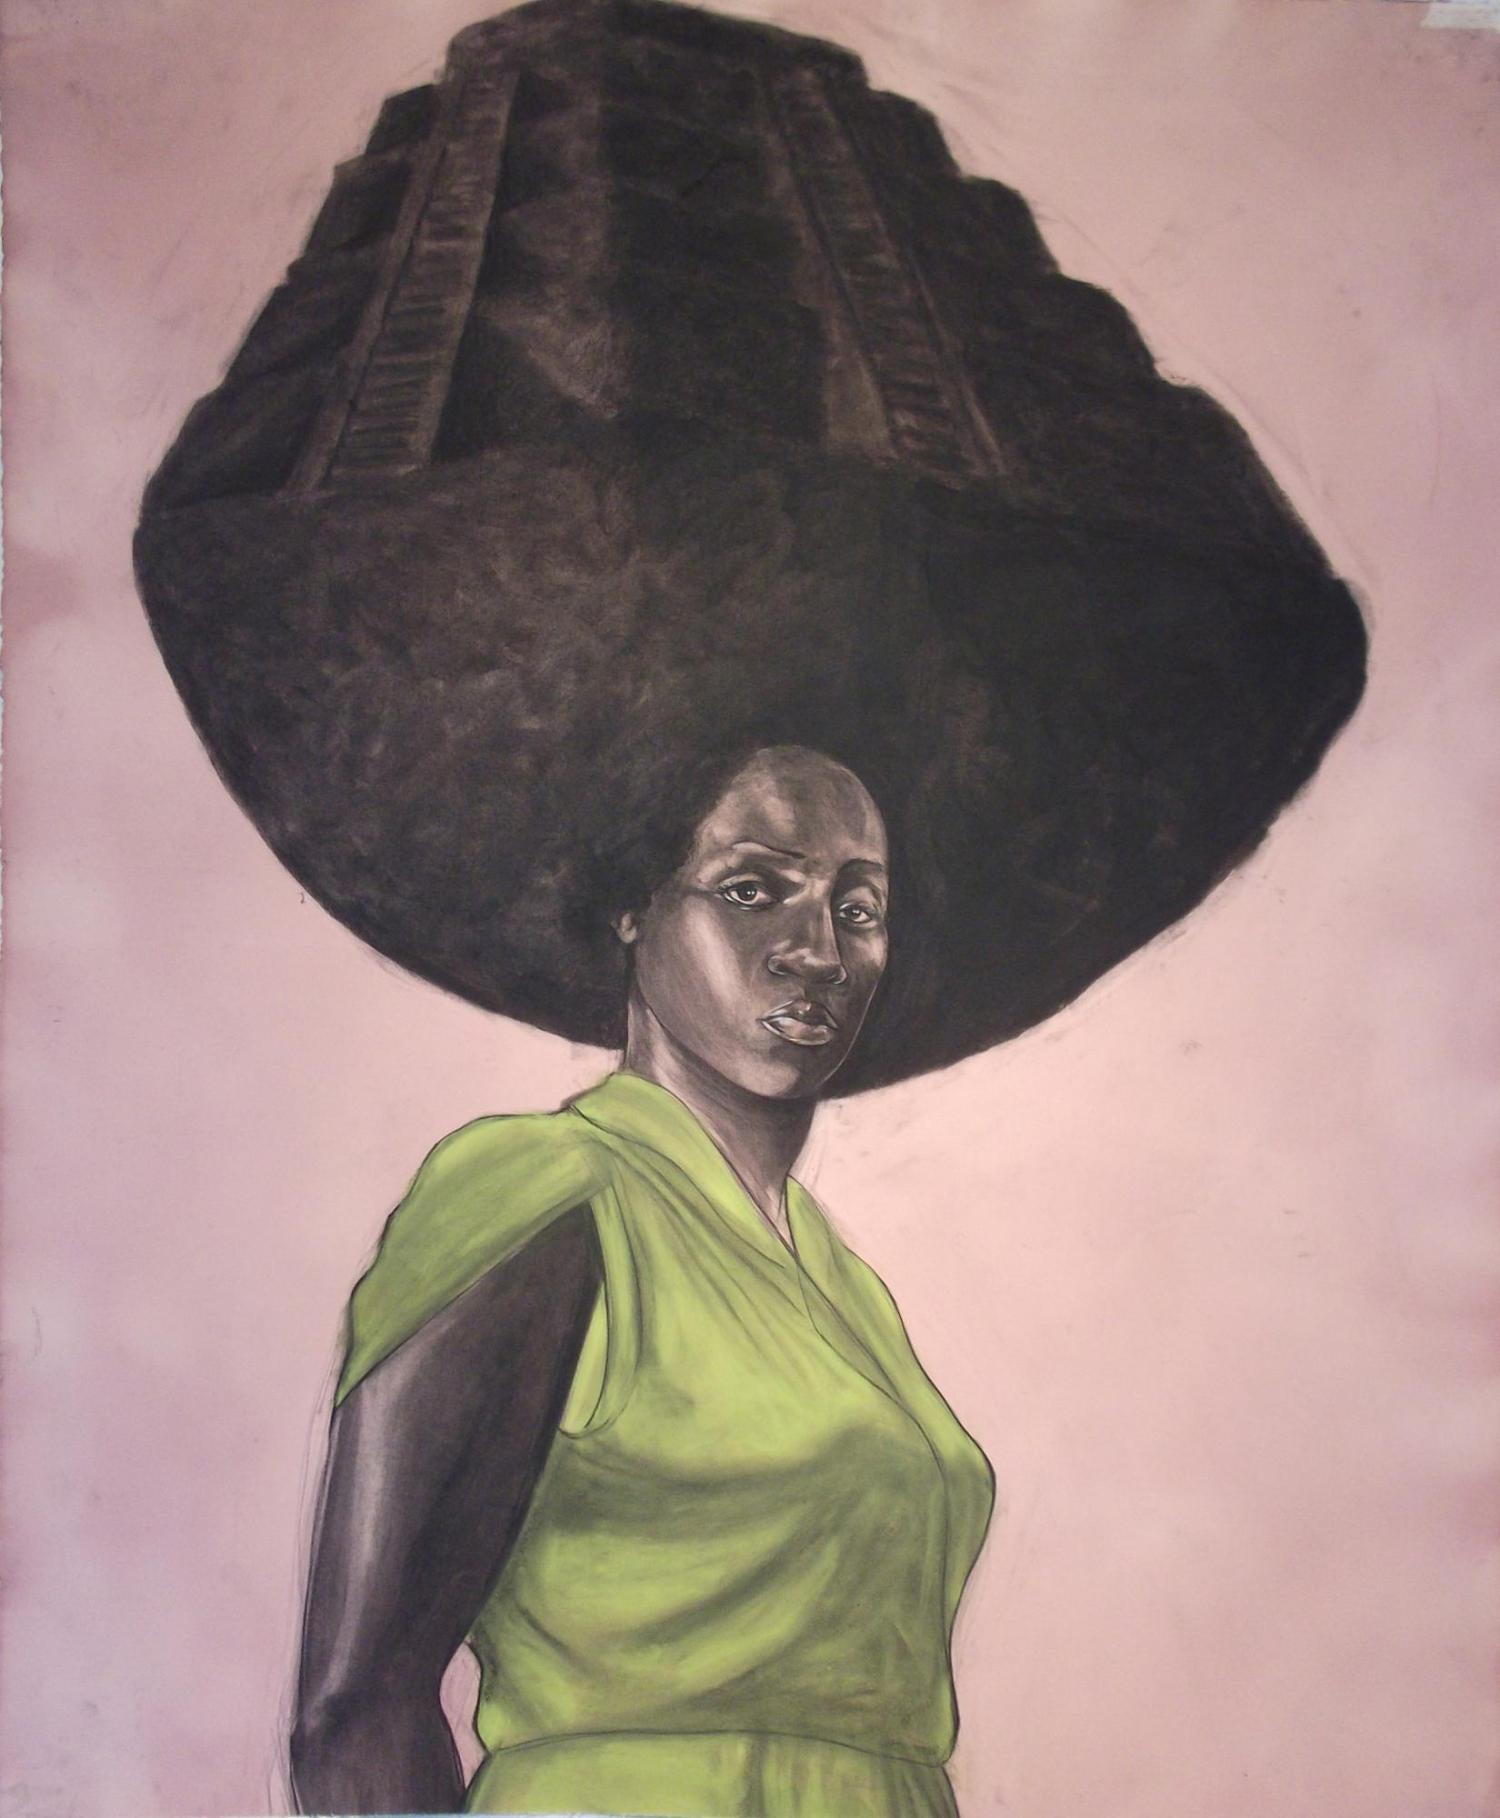 Robert Pruitt artwork